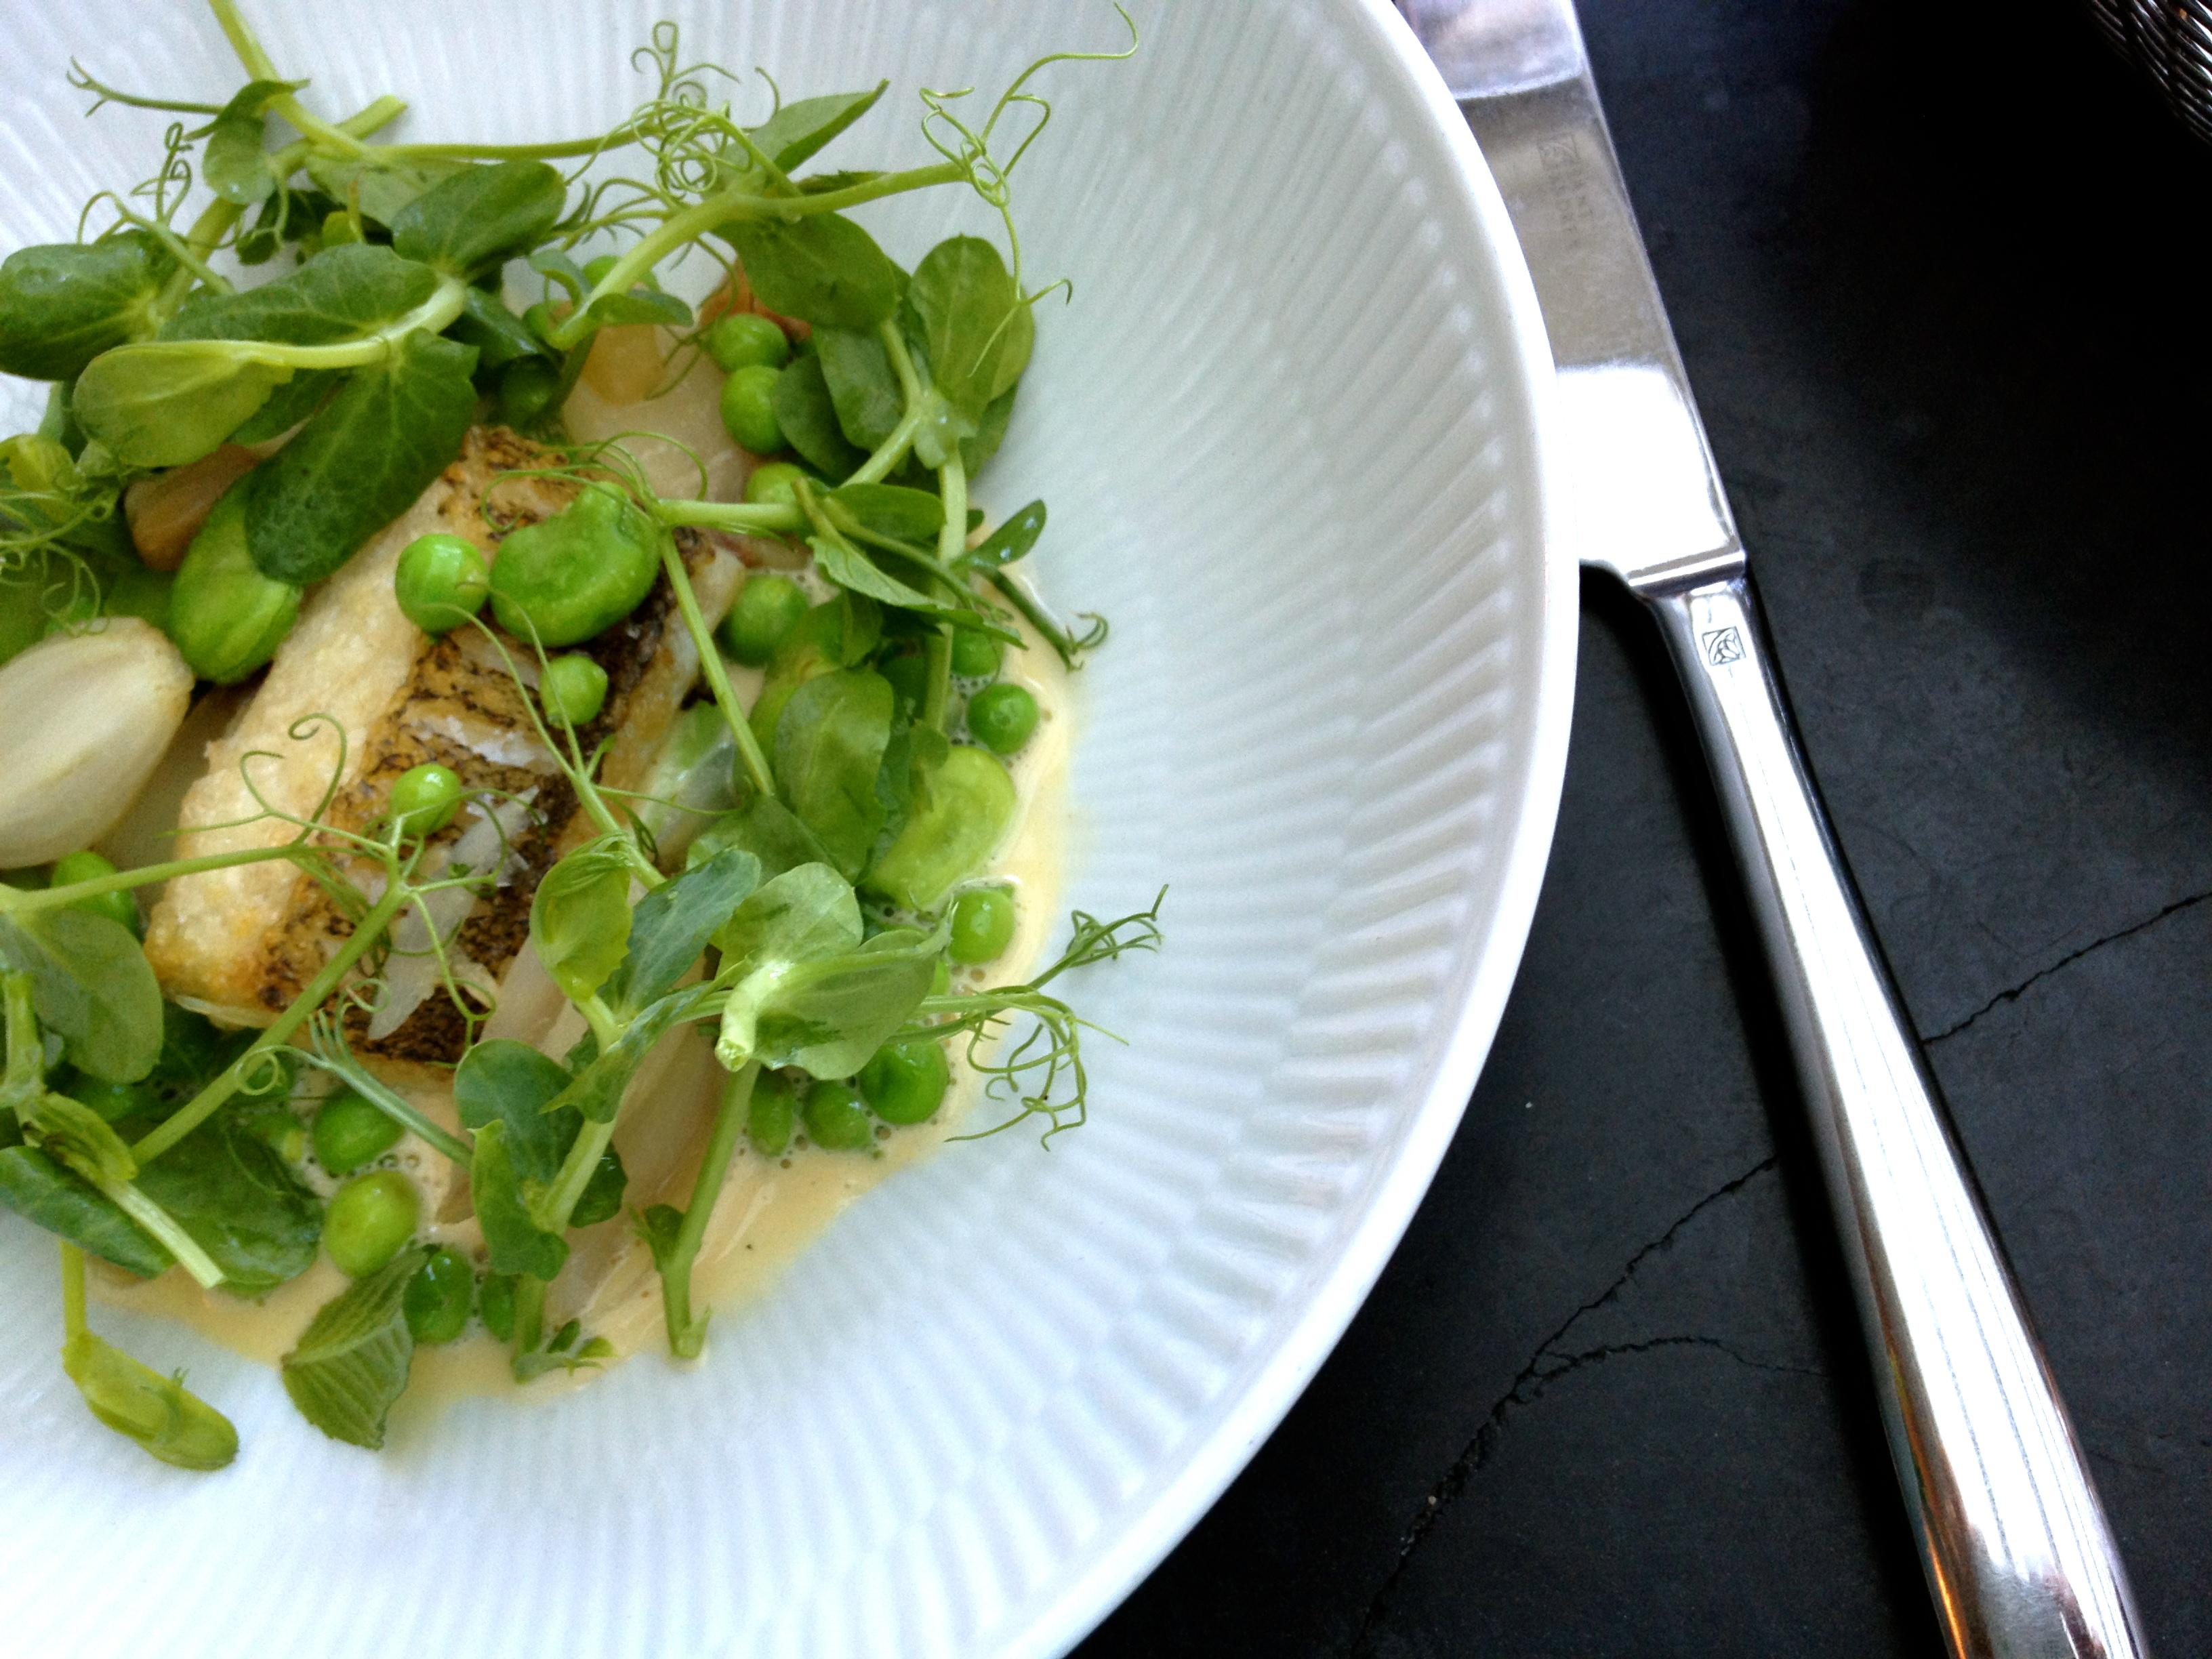 grafisk_madoplevelse_restaurant_sletten